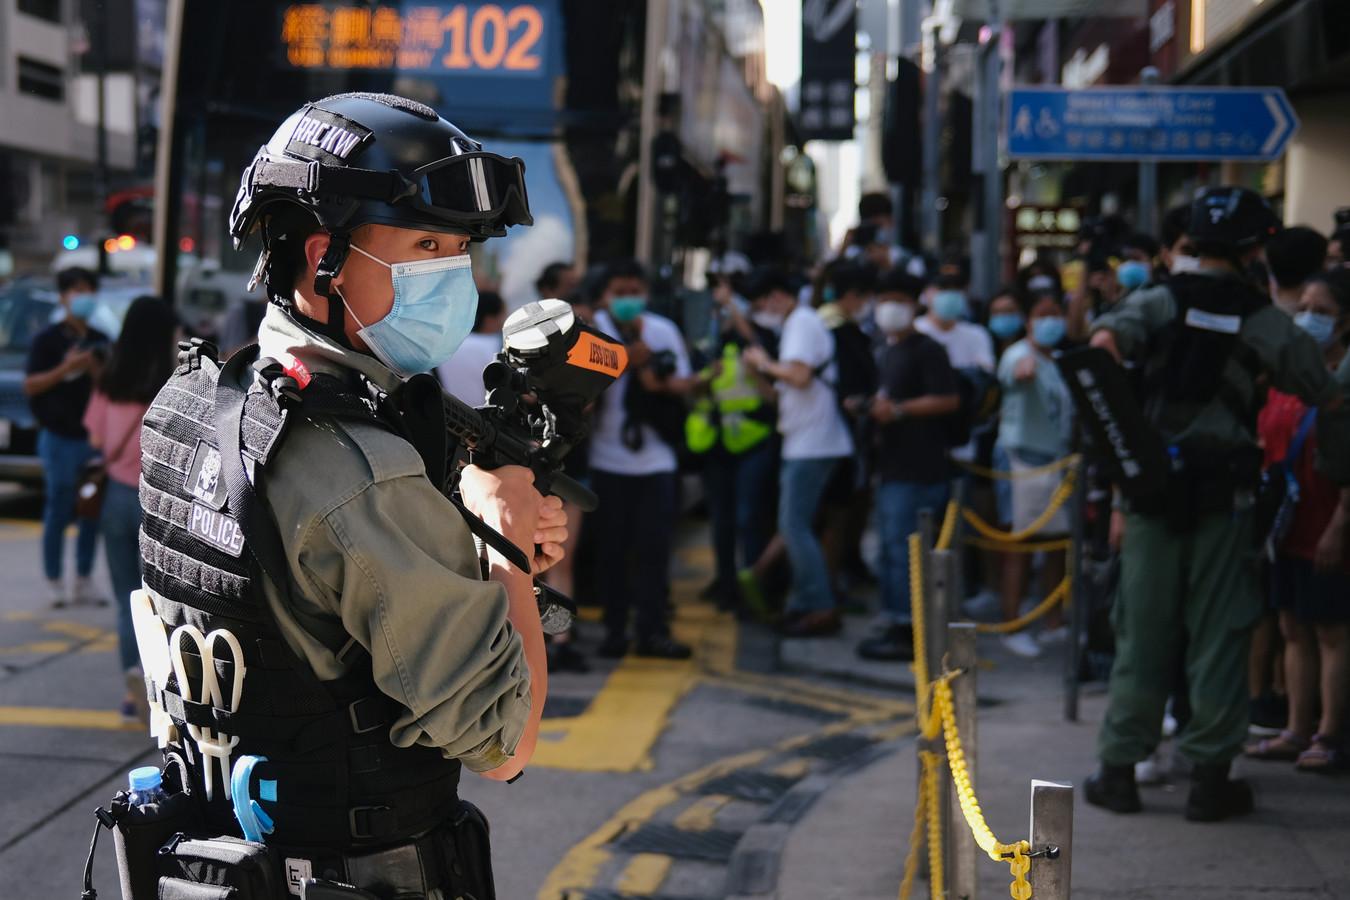 Een demonstratie tegen de invoering van de nieuwe veiligheidswet in Hongkong.